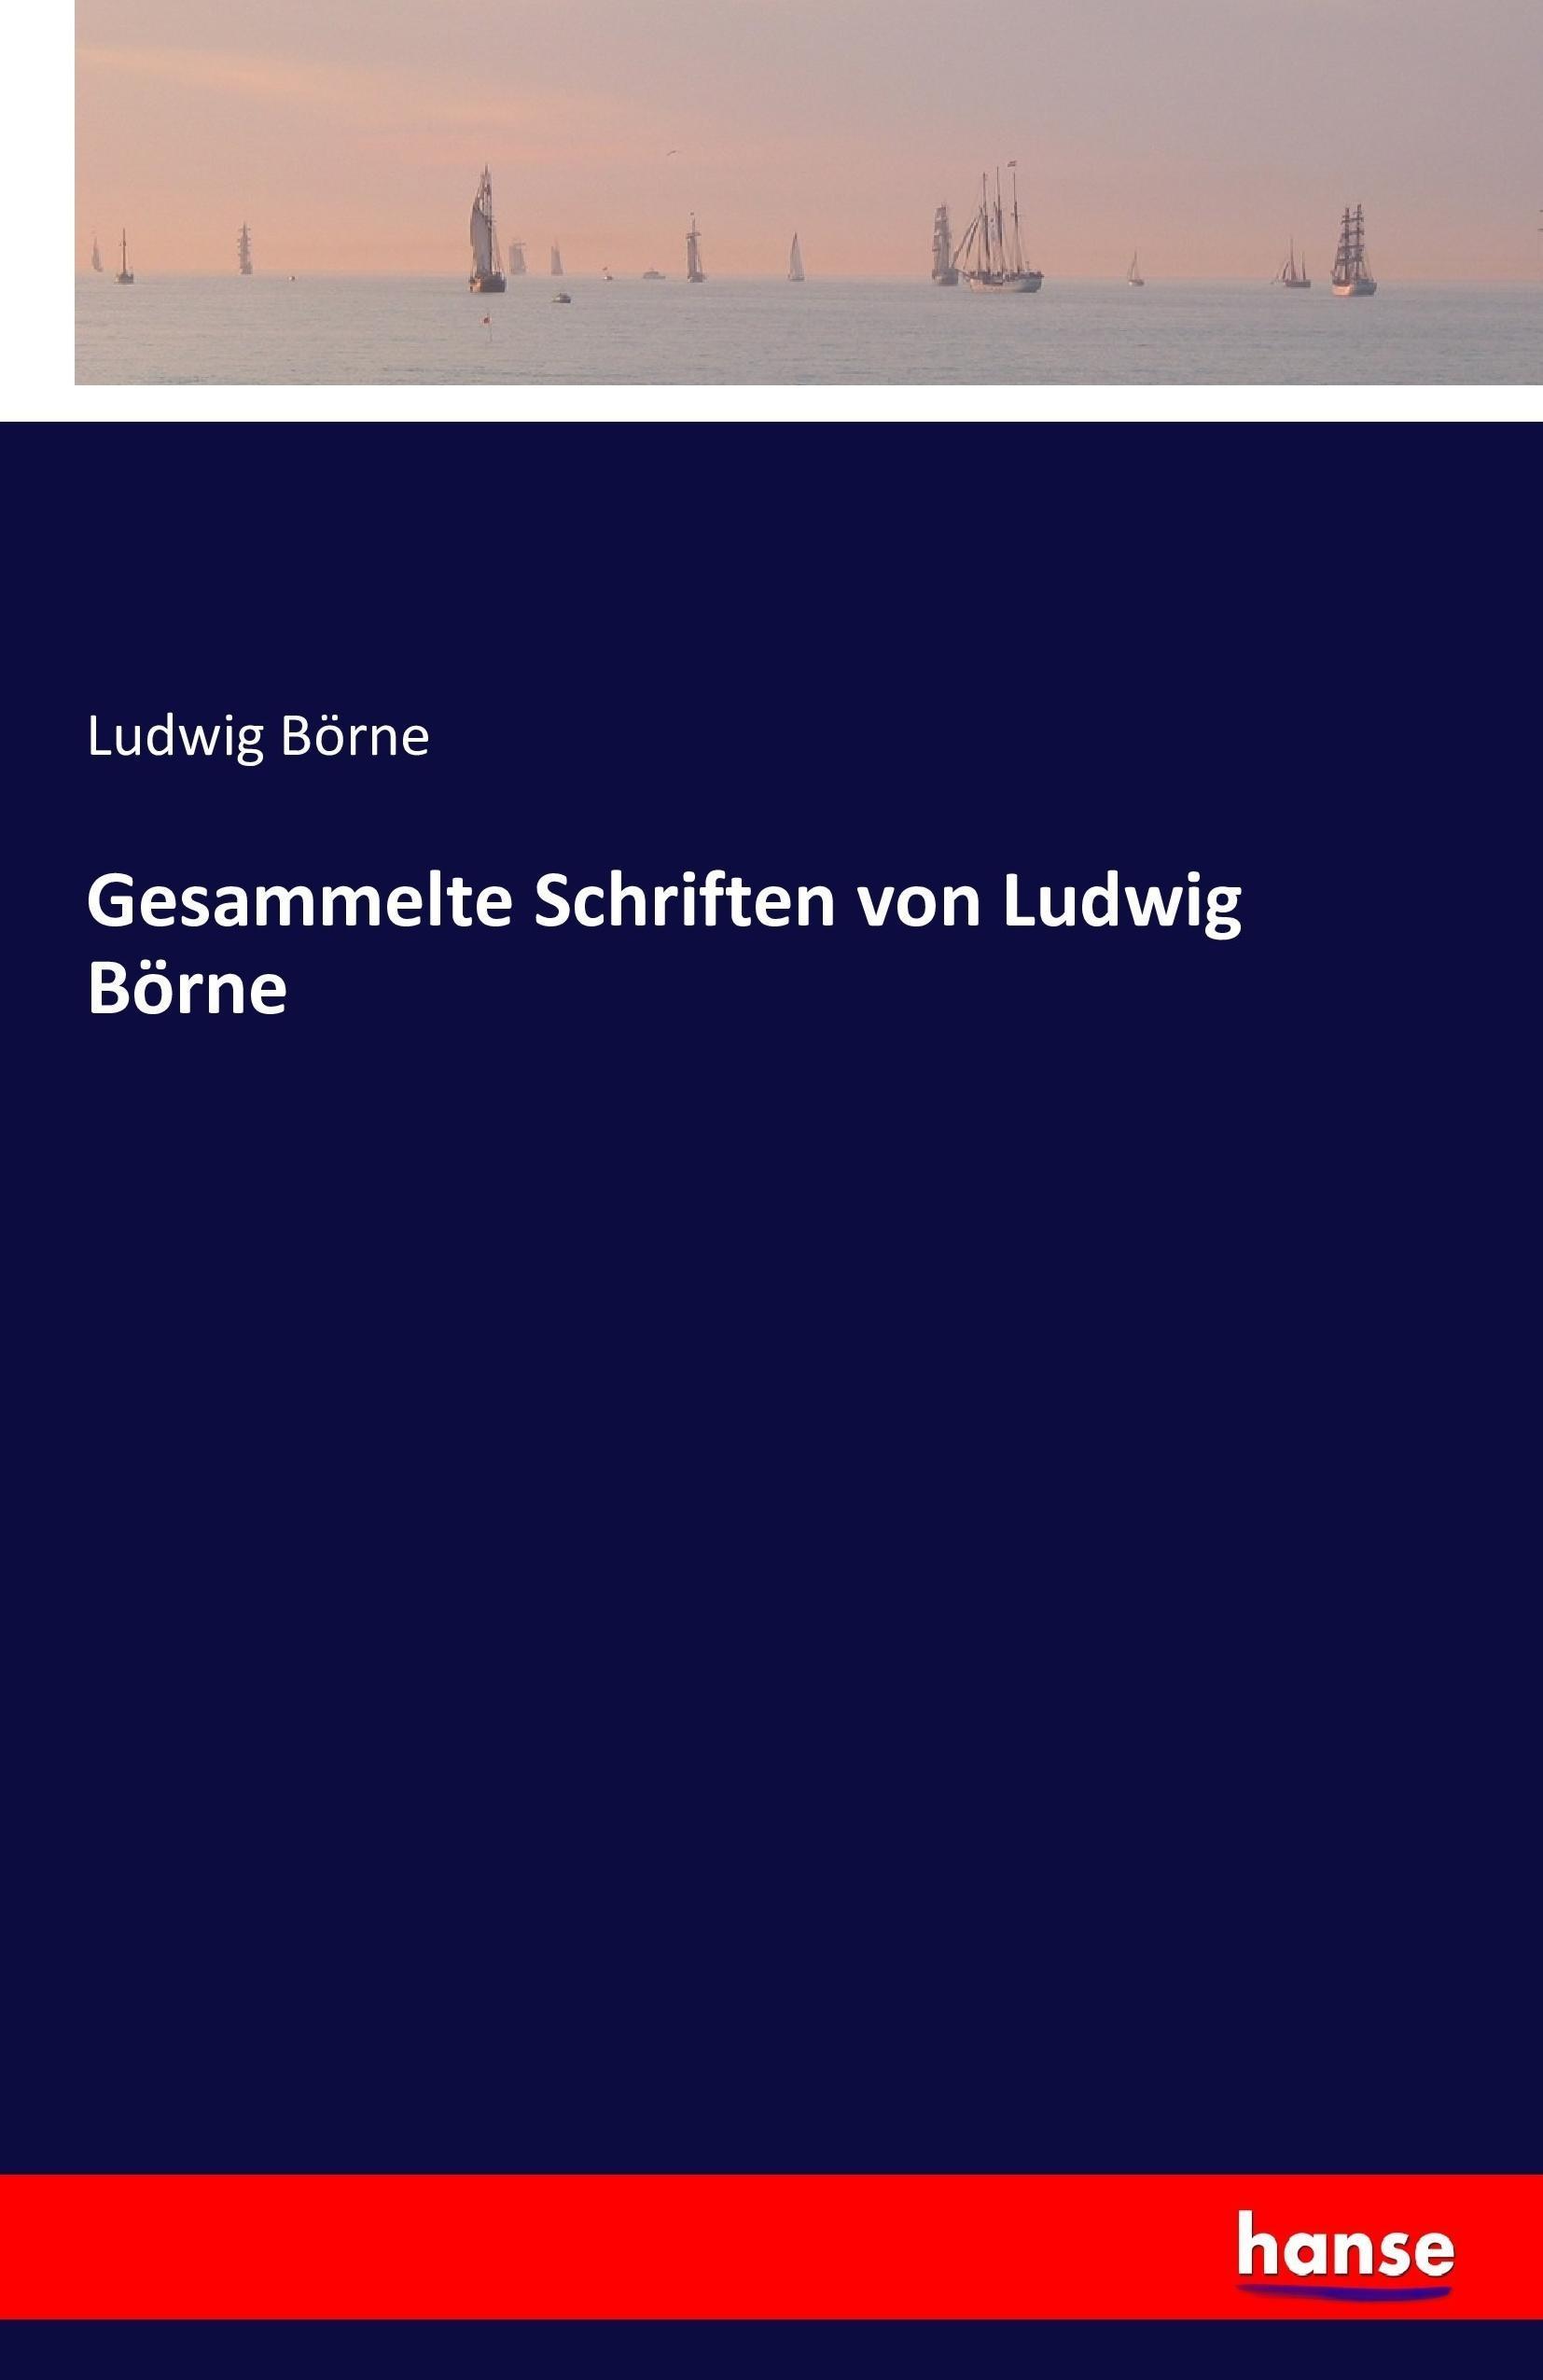 Gesammelte Schriften von Ludwig Börne | Ludwig Börne |  9783741148583